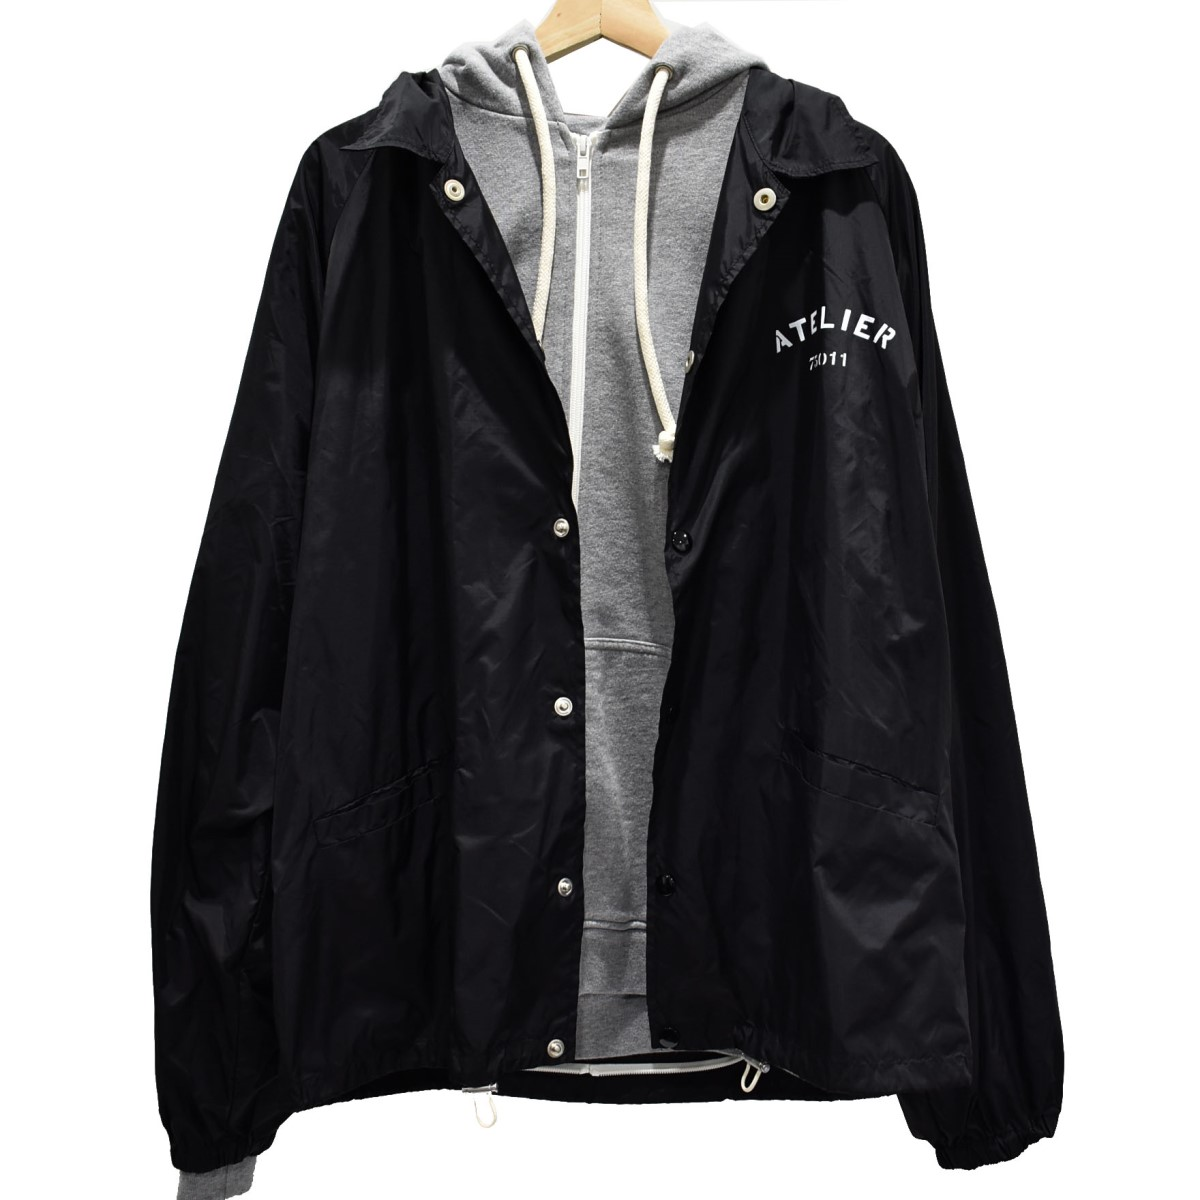 【中古】Martin Margiela14 18SS ハイブリッド フーディジャケット ブラック×グレー サイズ:48 【131119】(マルタン・マルジェラ14)